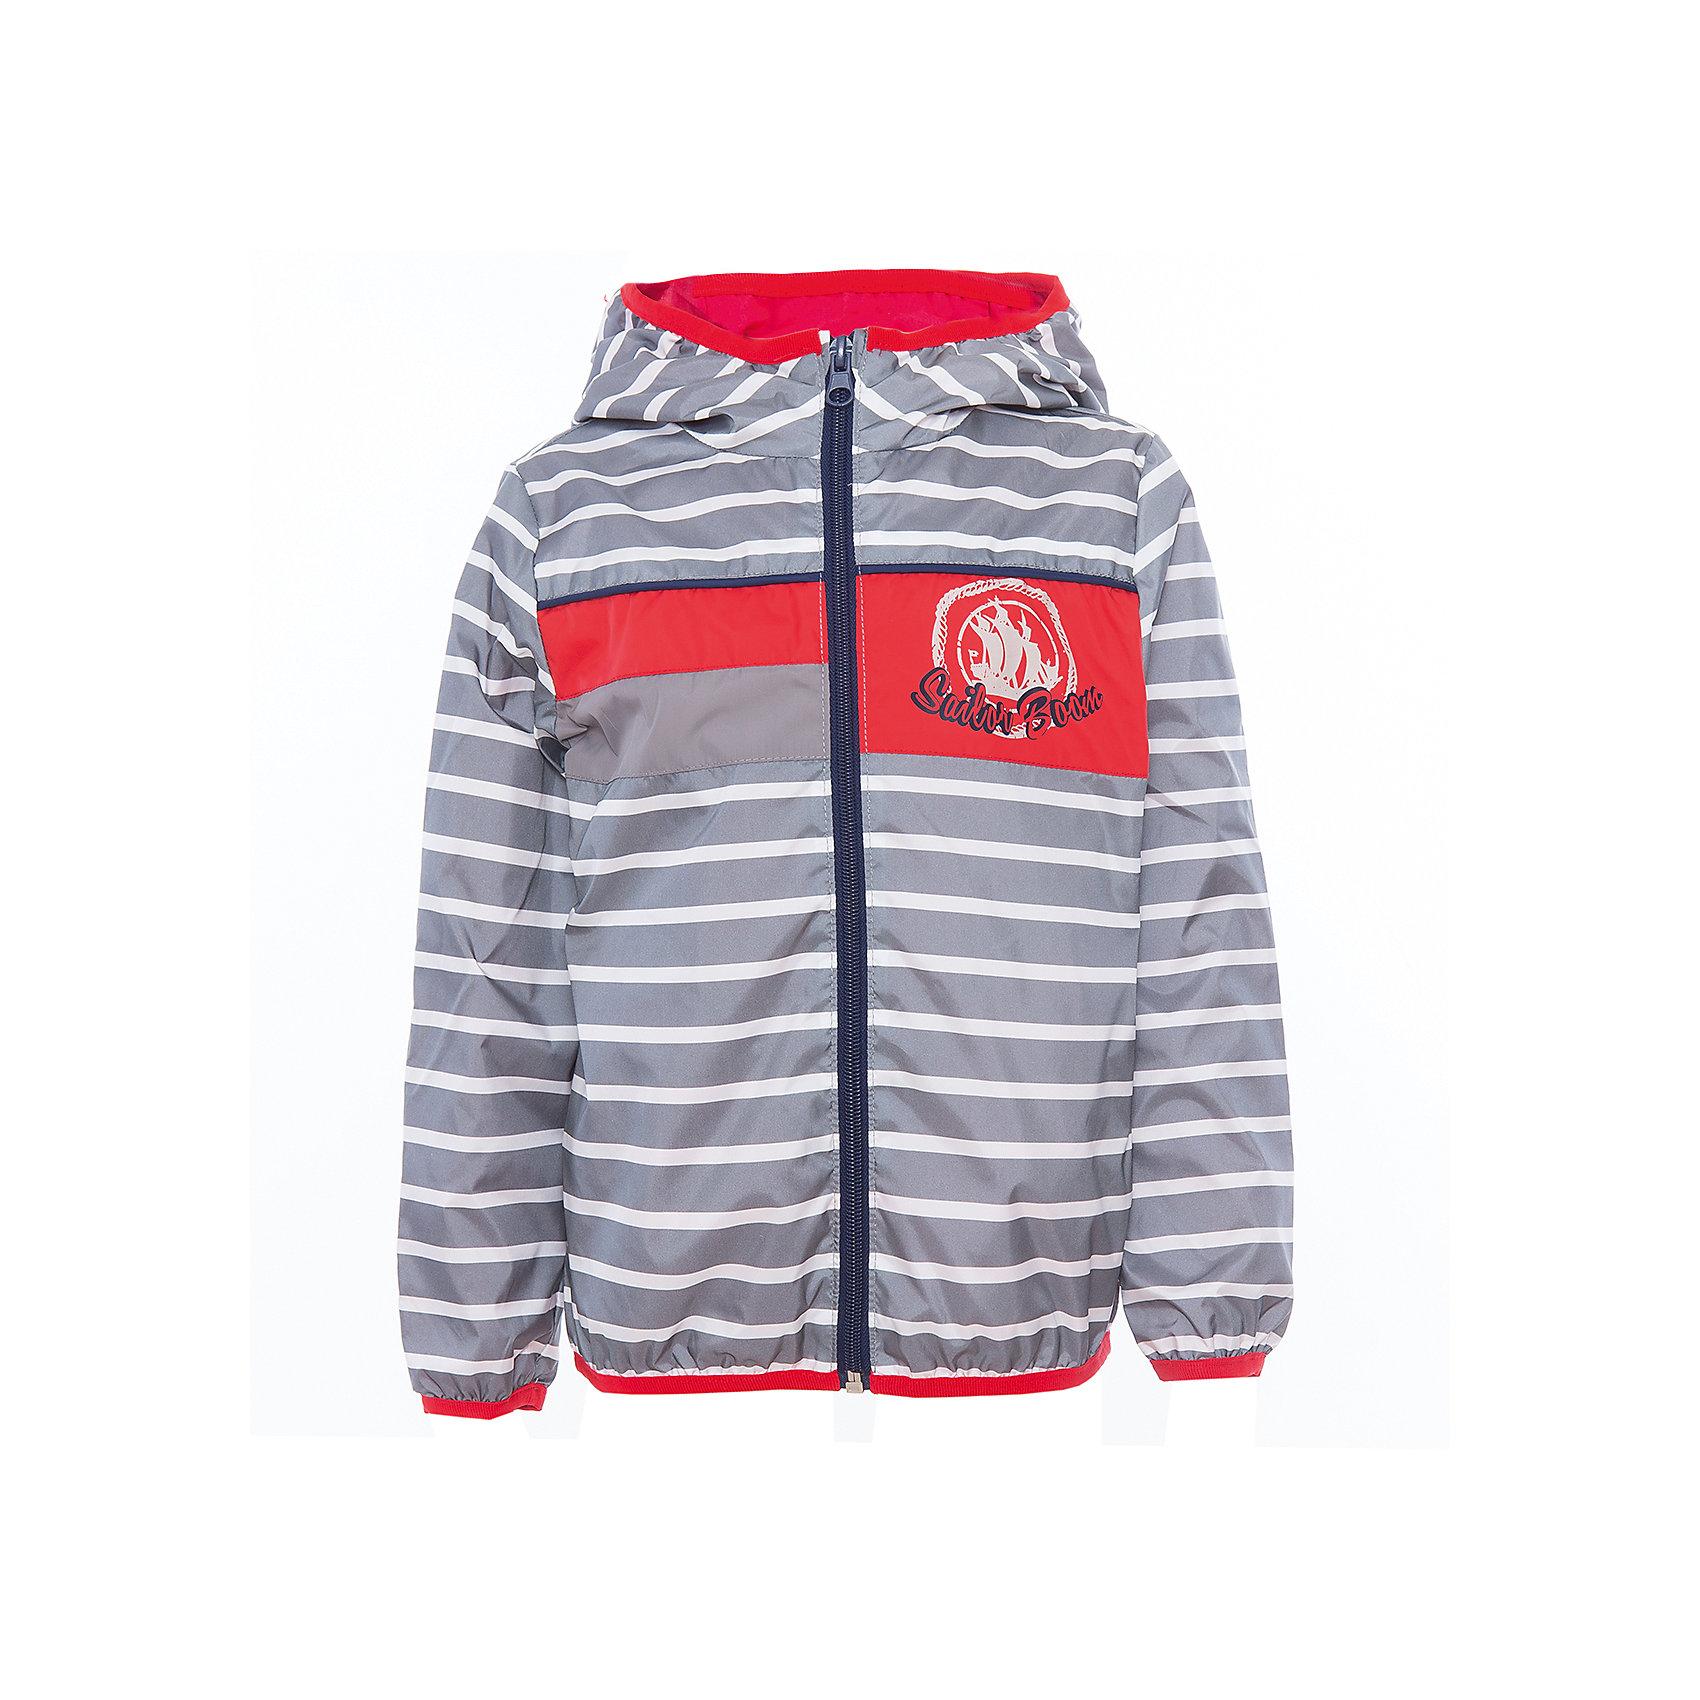 Куртка для мальчика BOOM by OrbyВерхняя одежда<br>Характеристики товара:<br><br>• цвет: серый<br>• состав: верх - таффета, подкладка - поликоттон, полиэстер, без утеплителя<br>• температурный режим: от +5° до +15°С<br>• пропитка от промокания<br>• застежка - молния<br>• капюшон <br>• украшена принтом<br>• легкая<br>• комфортная посадка<br>• страна производства: Российская Федерация<br>• страна бренда: Российская Федерация<br>• коллекция: весна-лето 2017<br><br>Легкая куртка - универсальный вариант и для прохладного летнего вечера, и для теплого межсезонья. Эта модель - модная и удобная одновременно! Изделие отличается стильным ярким дизайном. Куртка хорошо сидит по фигуре, отлично сочетается с различным низом. Вещь была разработана специально для детей.<br><br>Одежда от российского бренда BOOM by Orby уже завоевала популярностью у многих детей и их родителей. Вещи, выпускаемые компанией, качественные, продуманные и очень удобные. Для производства коллекций используются только безопасные для детей материалы. Спешите приобрести модели из новой коллекции Весна-лето 2017! <br><br>Куртку для мальчика от бренда BOOM by Orby можно купить в нашем интернет-магазине.<br><br>Ширина мм: 356<br>Глубина мм: 10<br>Высота мм: 245<br>Вес г: 519<br>Цвет: серый<br>Возраст от месяцев: 12<br>Возраст до месяцев: 18<br>Пол: Мужской<br>Возраст: Детский<br>Размер: 86,158,104,92,98,110,116,122,128,134,140,146,152<br>SKU: 5343904